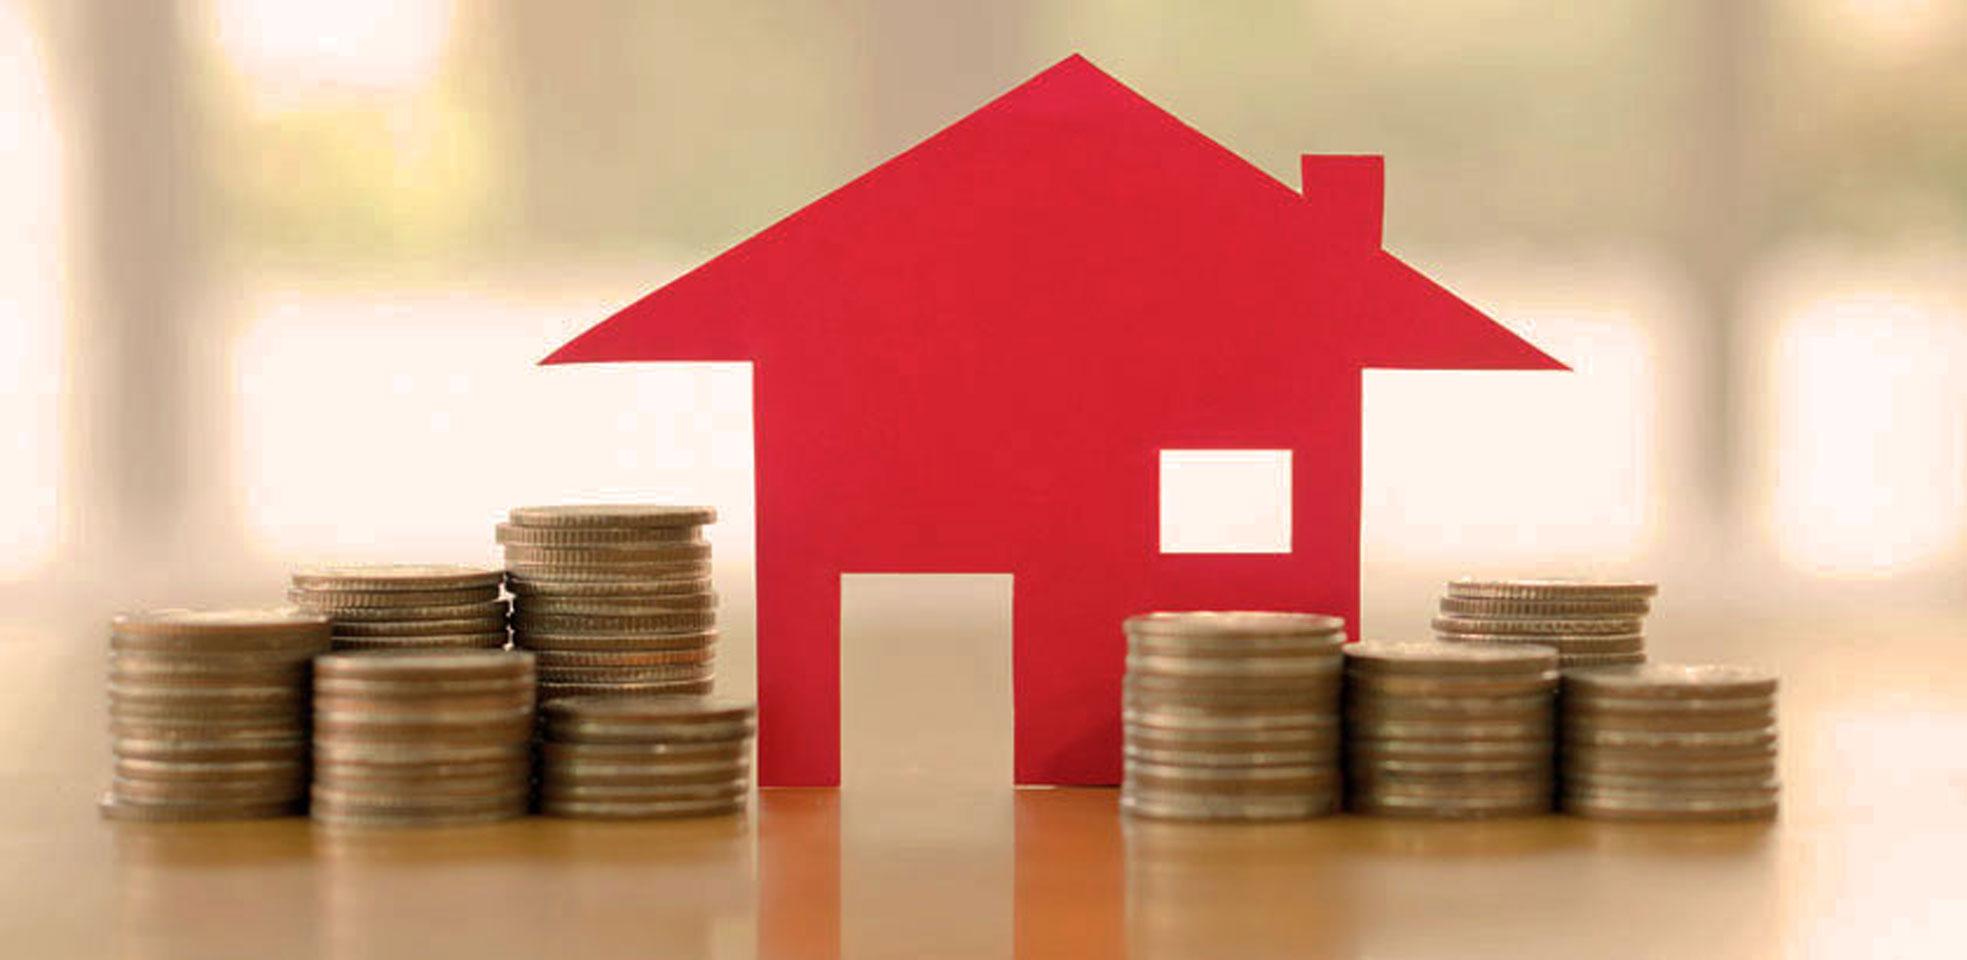 Choisir son assurance : quels sont les critères de choix d'une l'assurance habitation ?